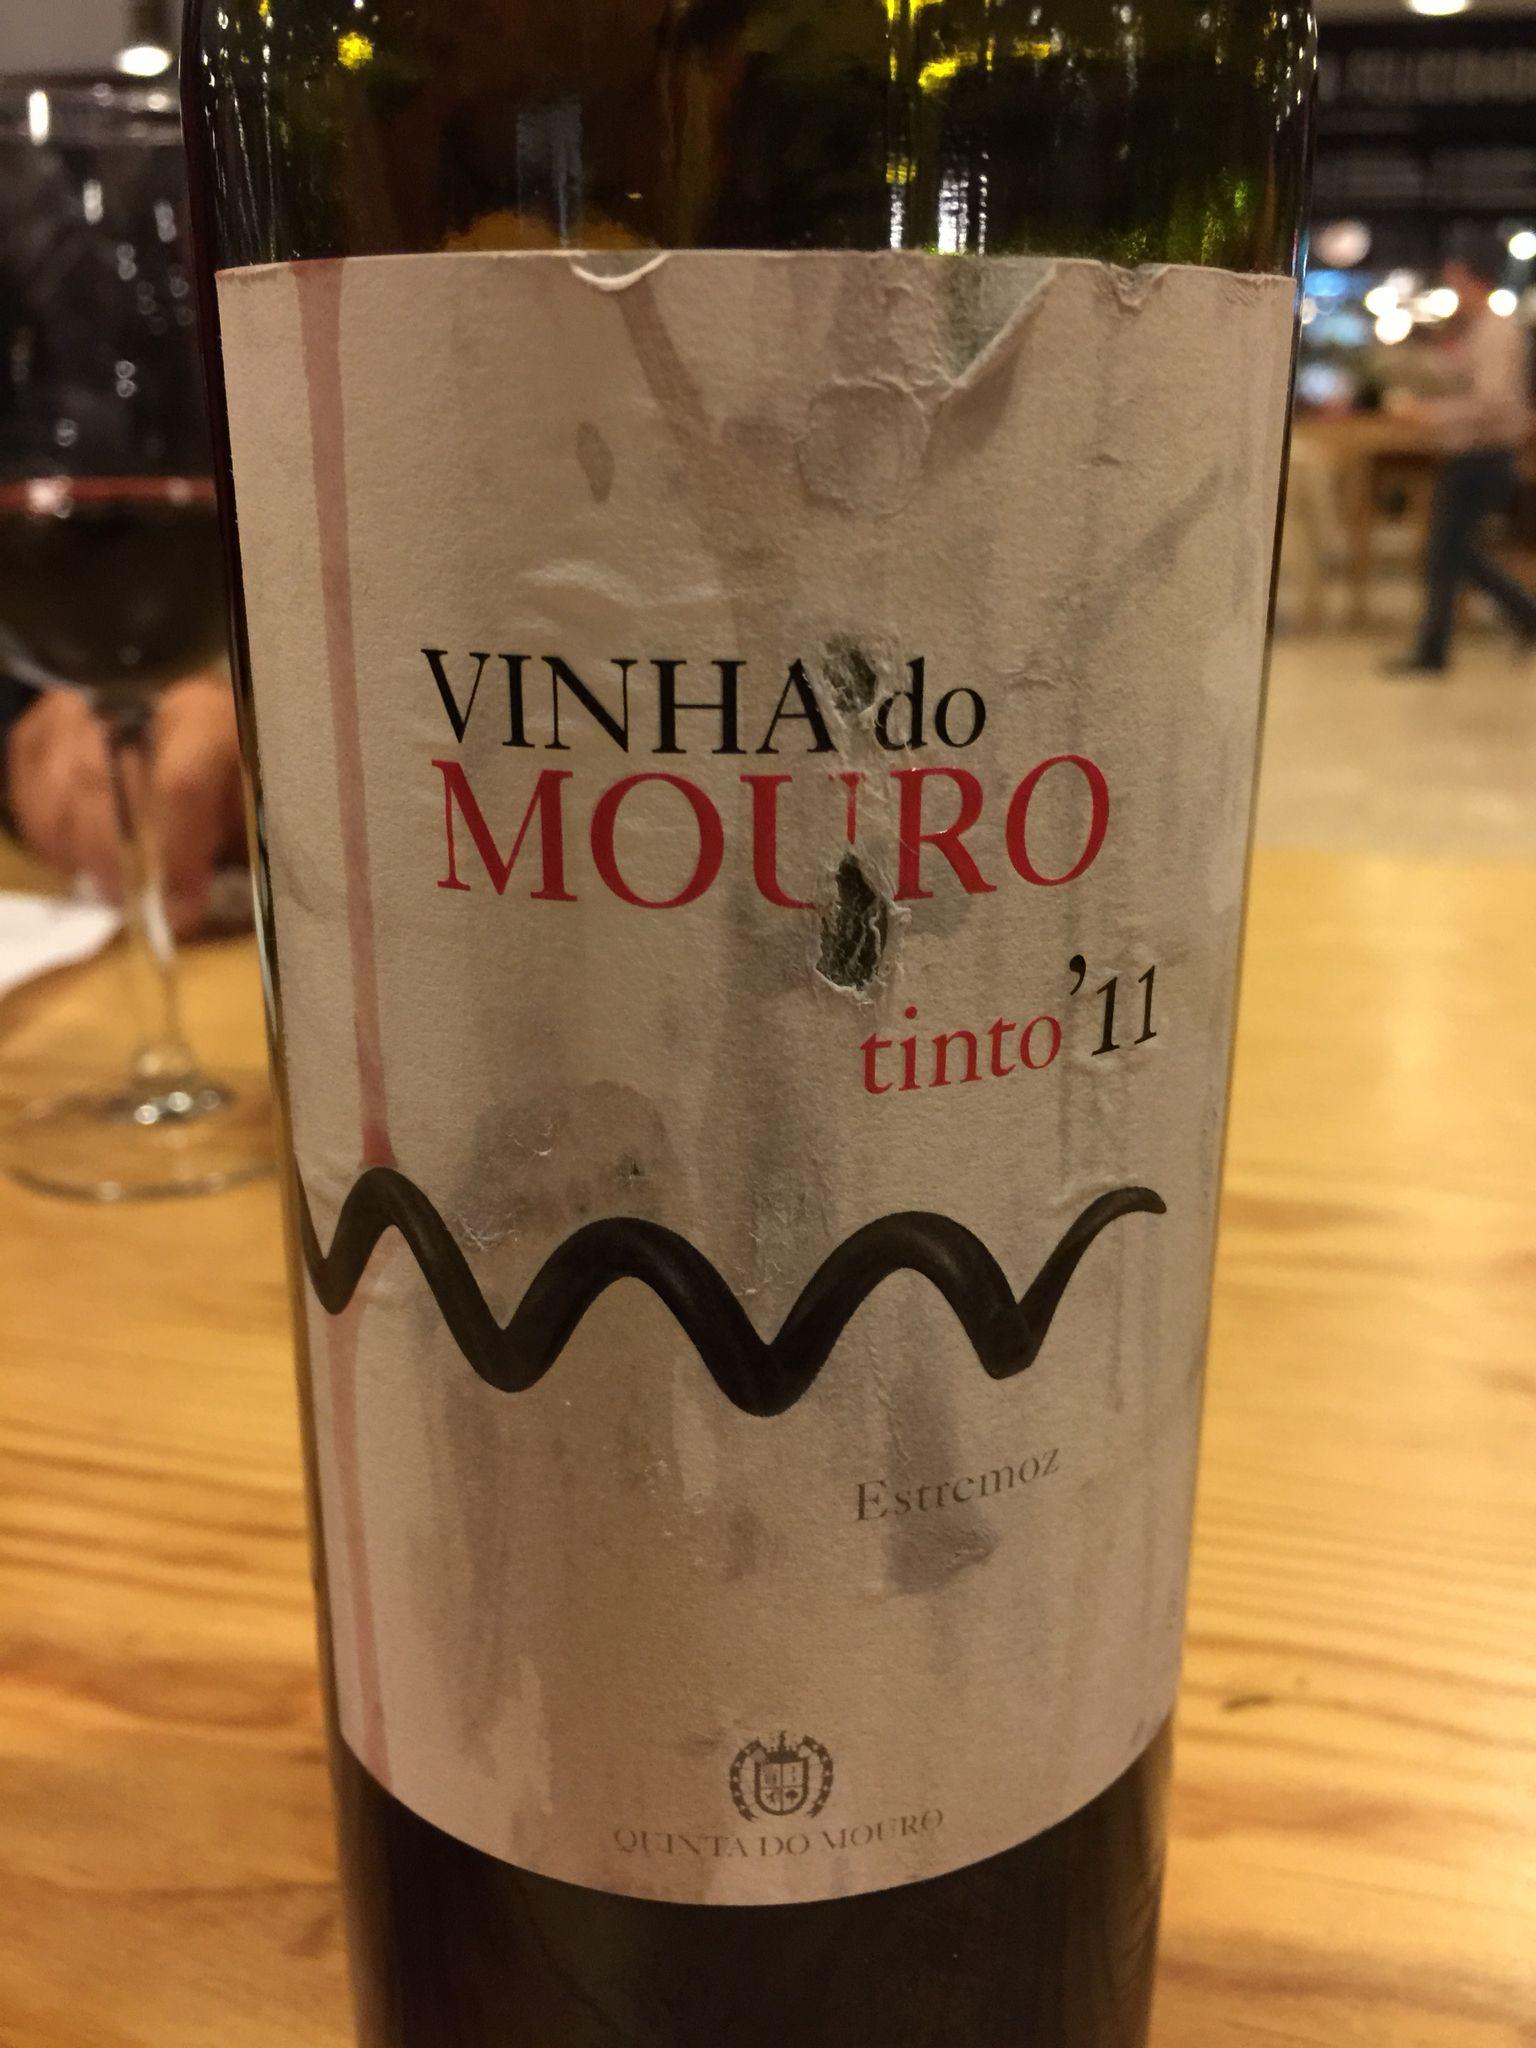 Vinho regional Alentejano, com denominação de origem controlada (DOC).  Ótimo para acompanhar frios.